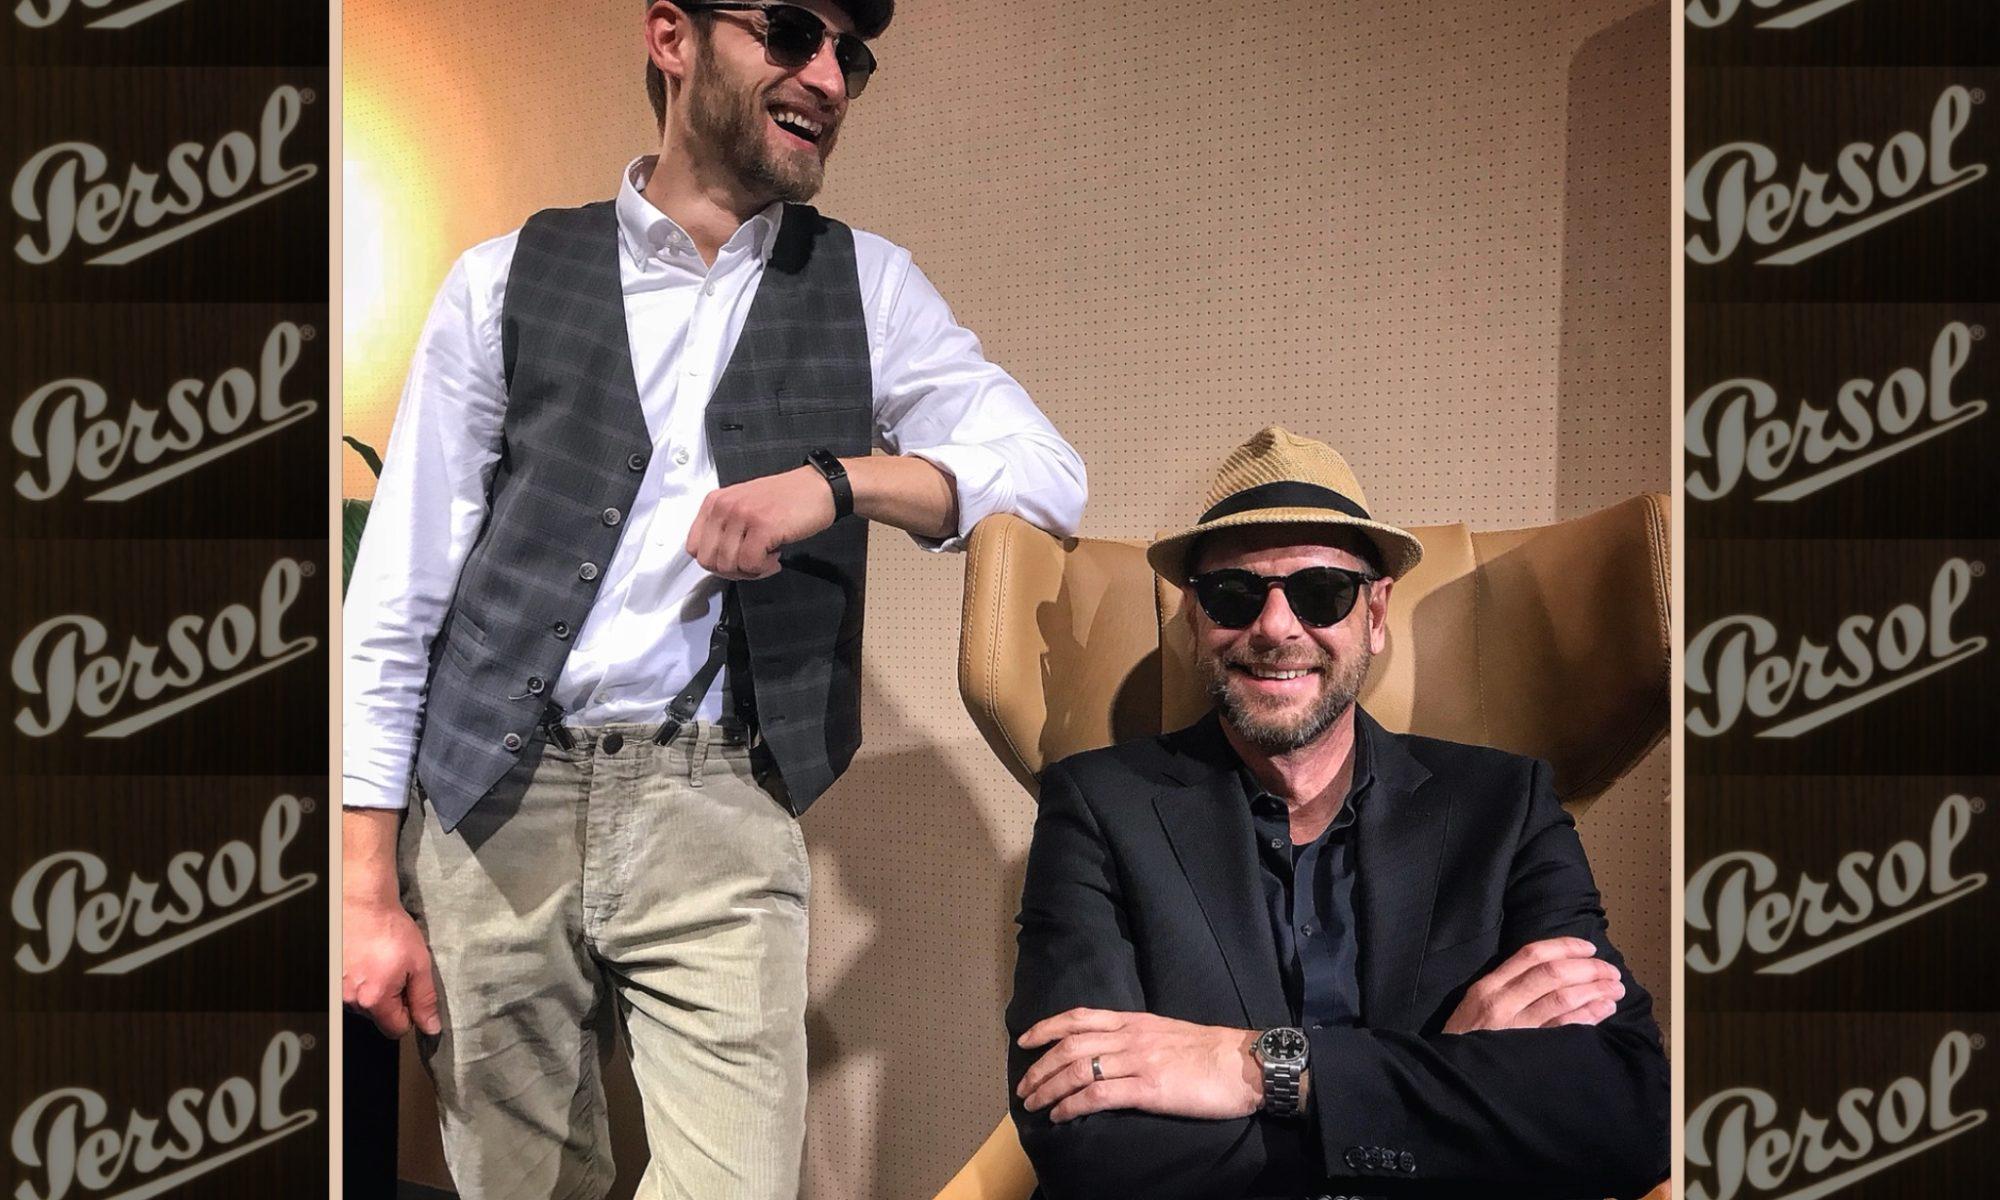 """Persol Sonnenbrille getragen und vertrieben von """"Optic by Morrison"""" Leipzig"""